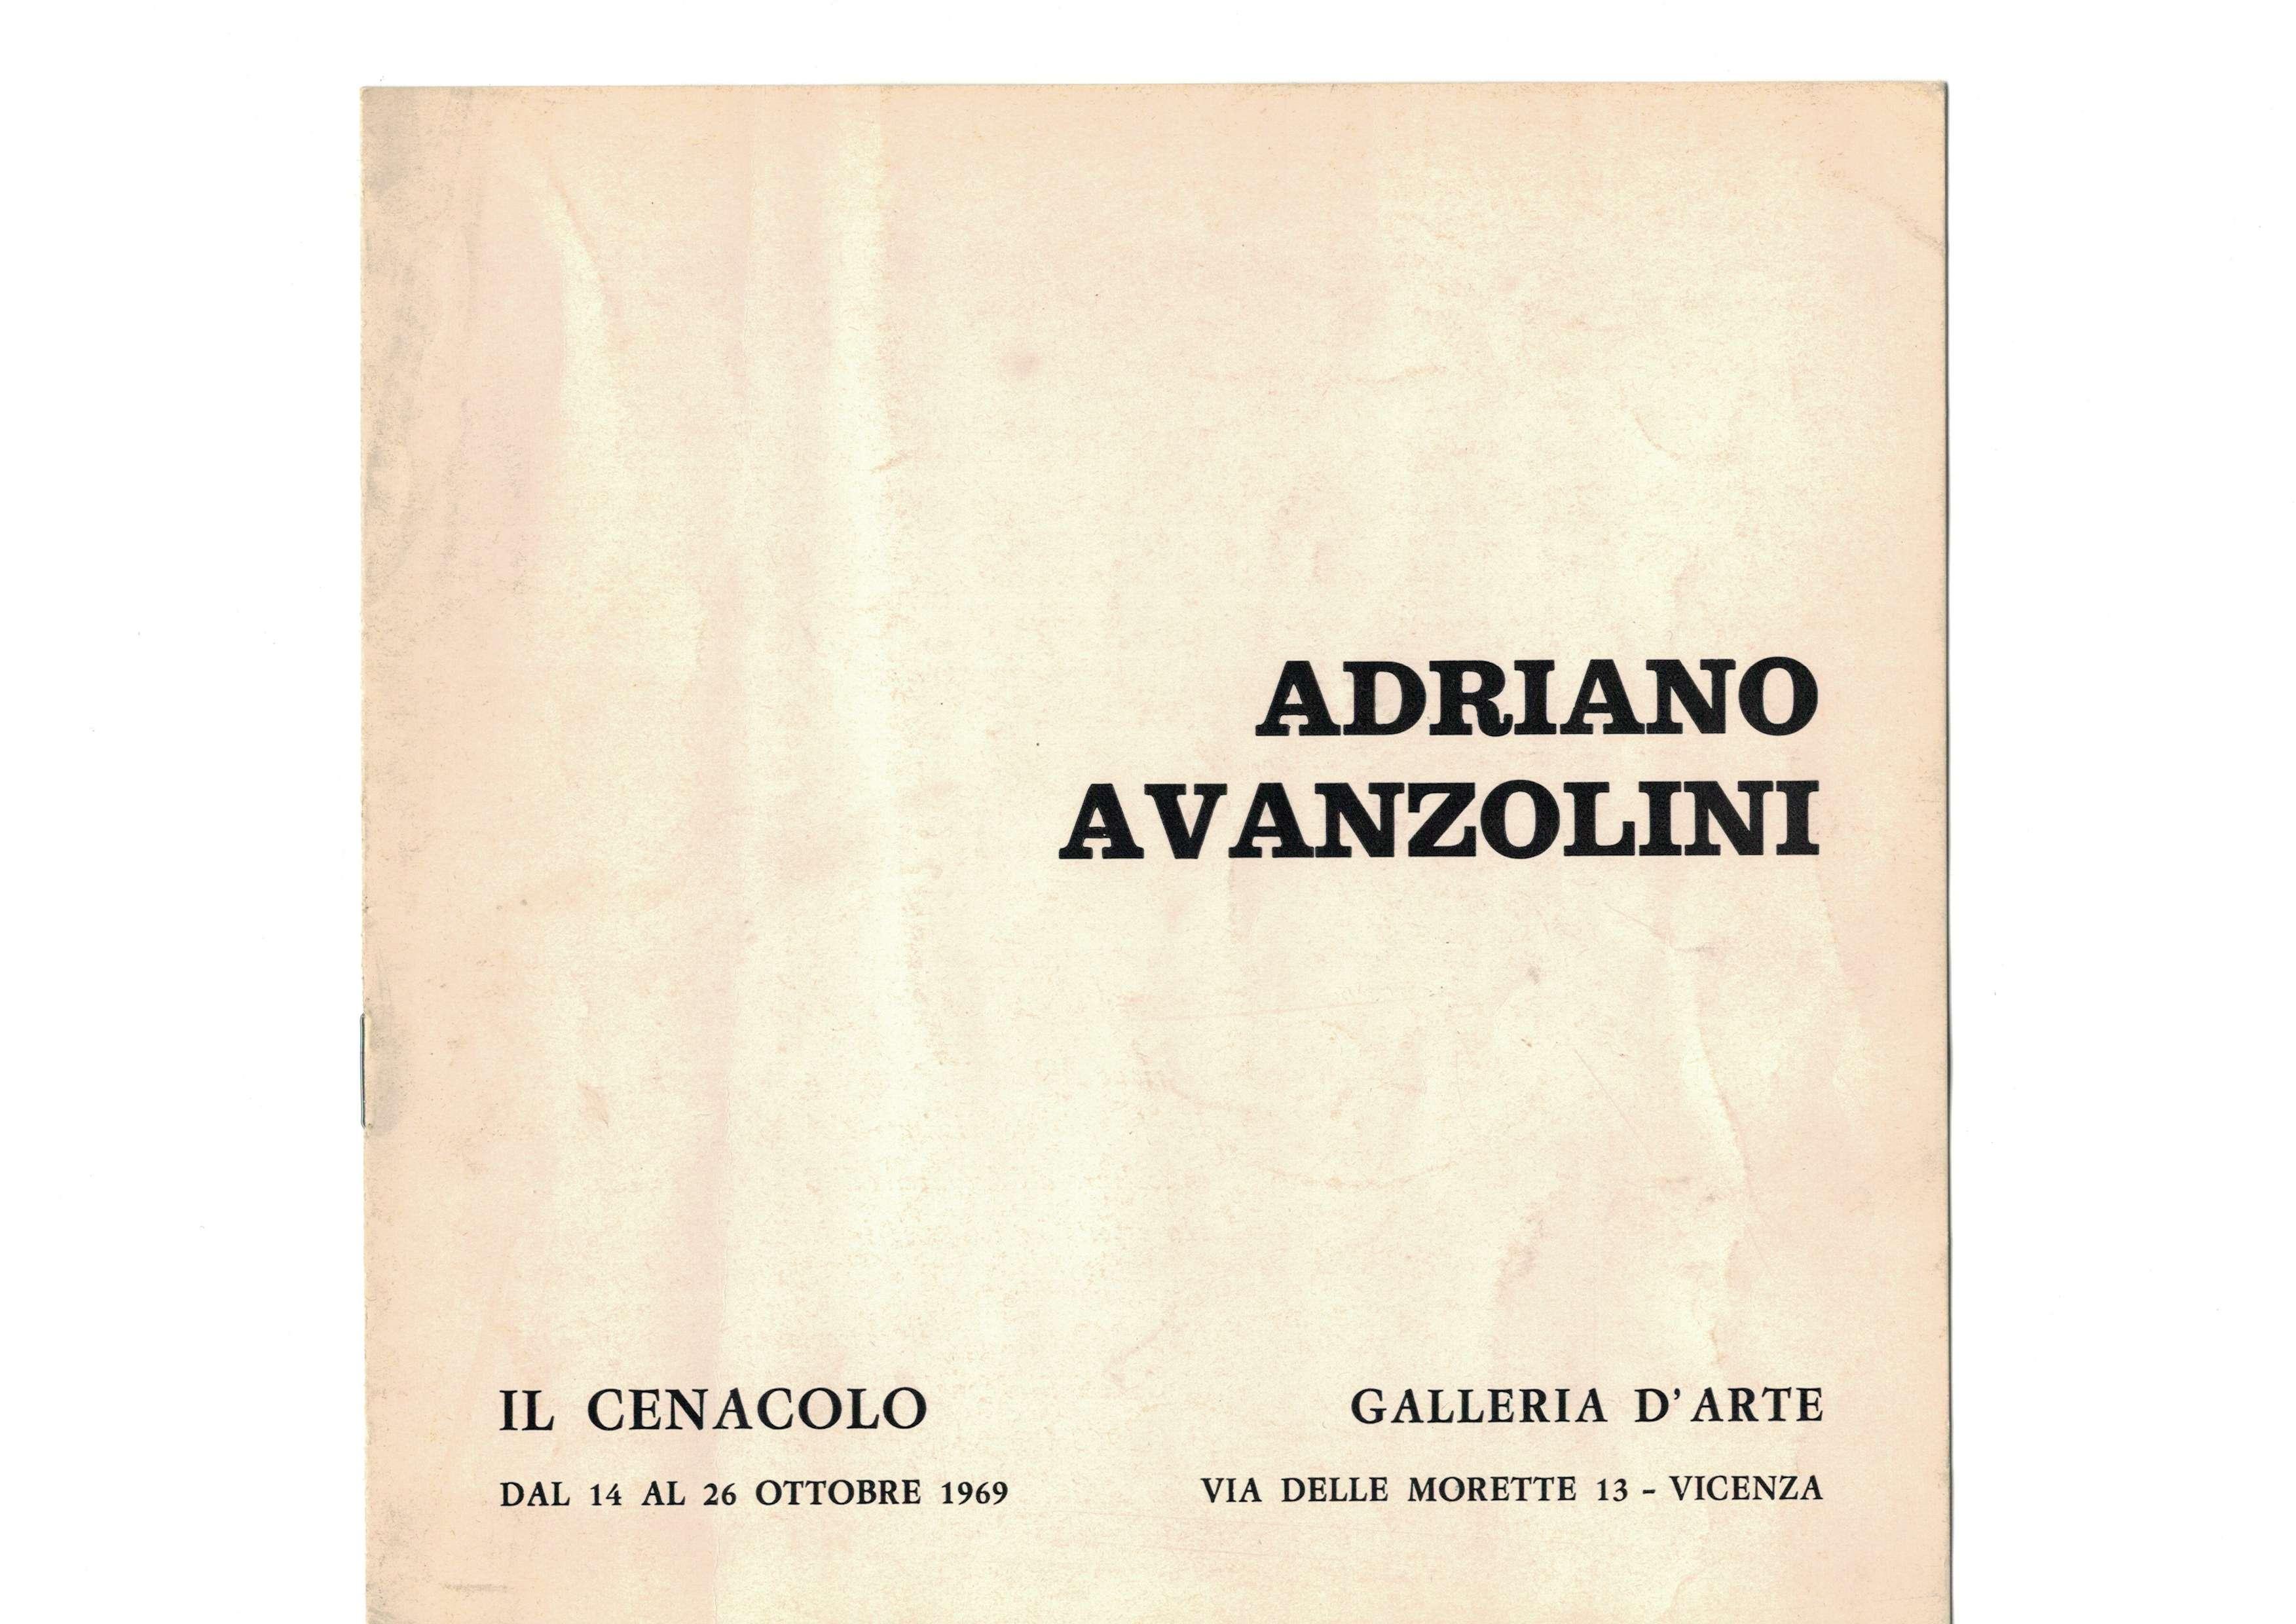 ADRIANO AVANZOLINI, Galleria il Cenacolo, Vicenza (1969)